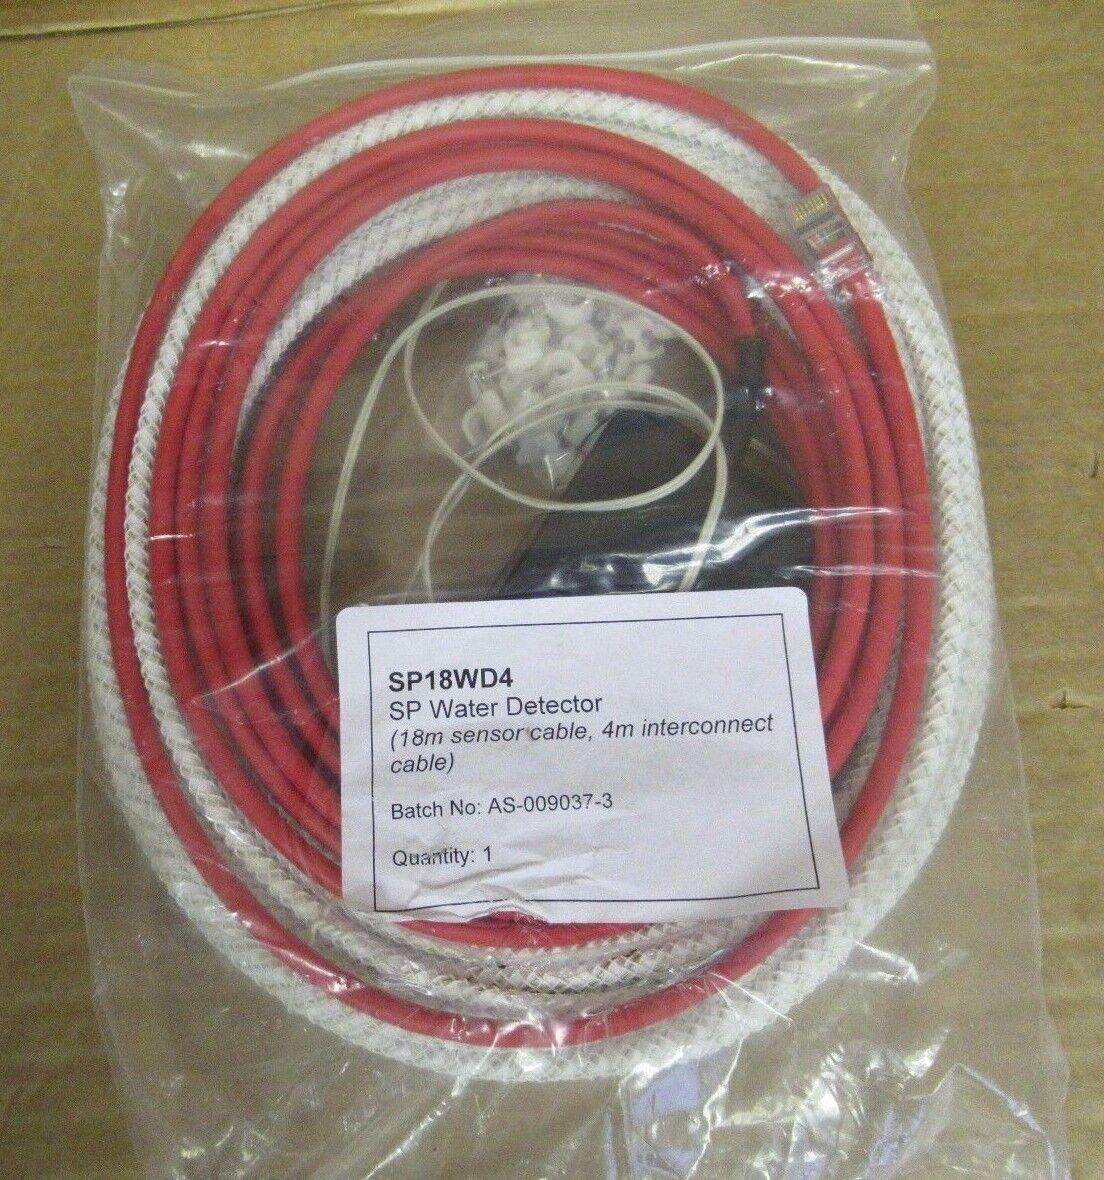 Jacarta SP18WD4 18m Cable de detector de agua con alarma de humo de seguridad de interconexión 4m